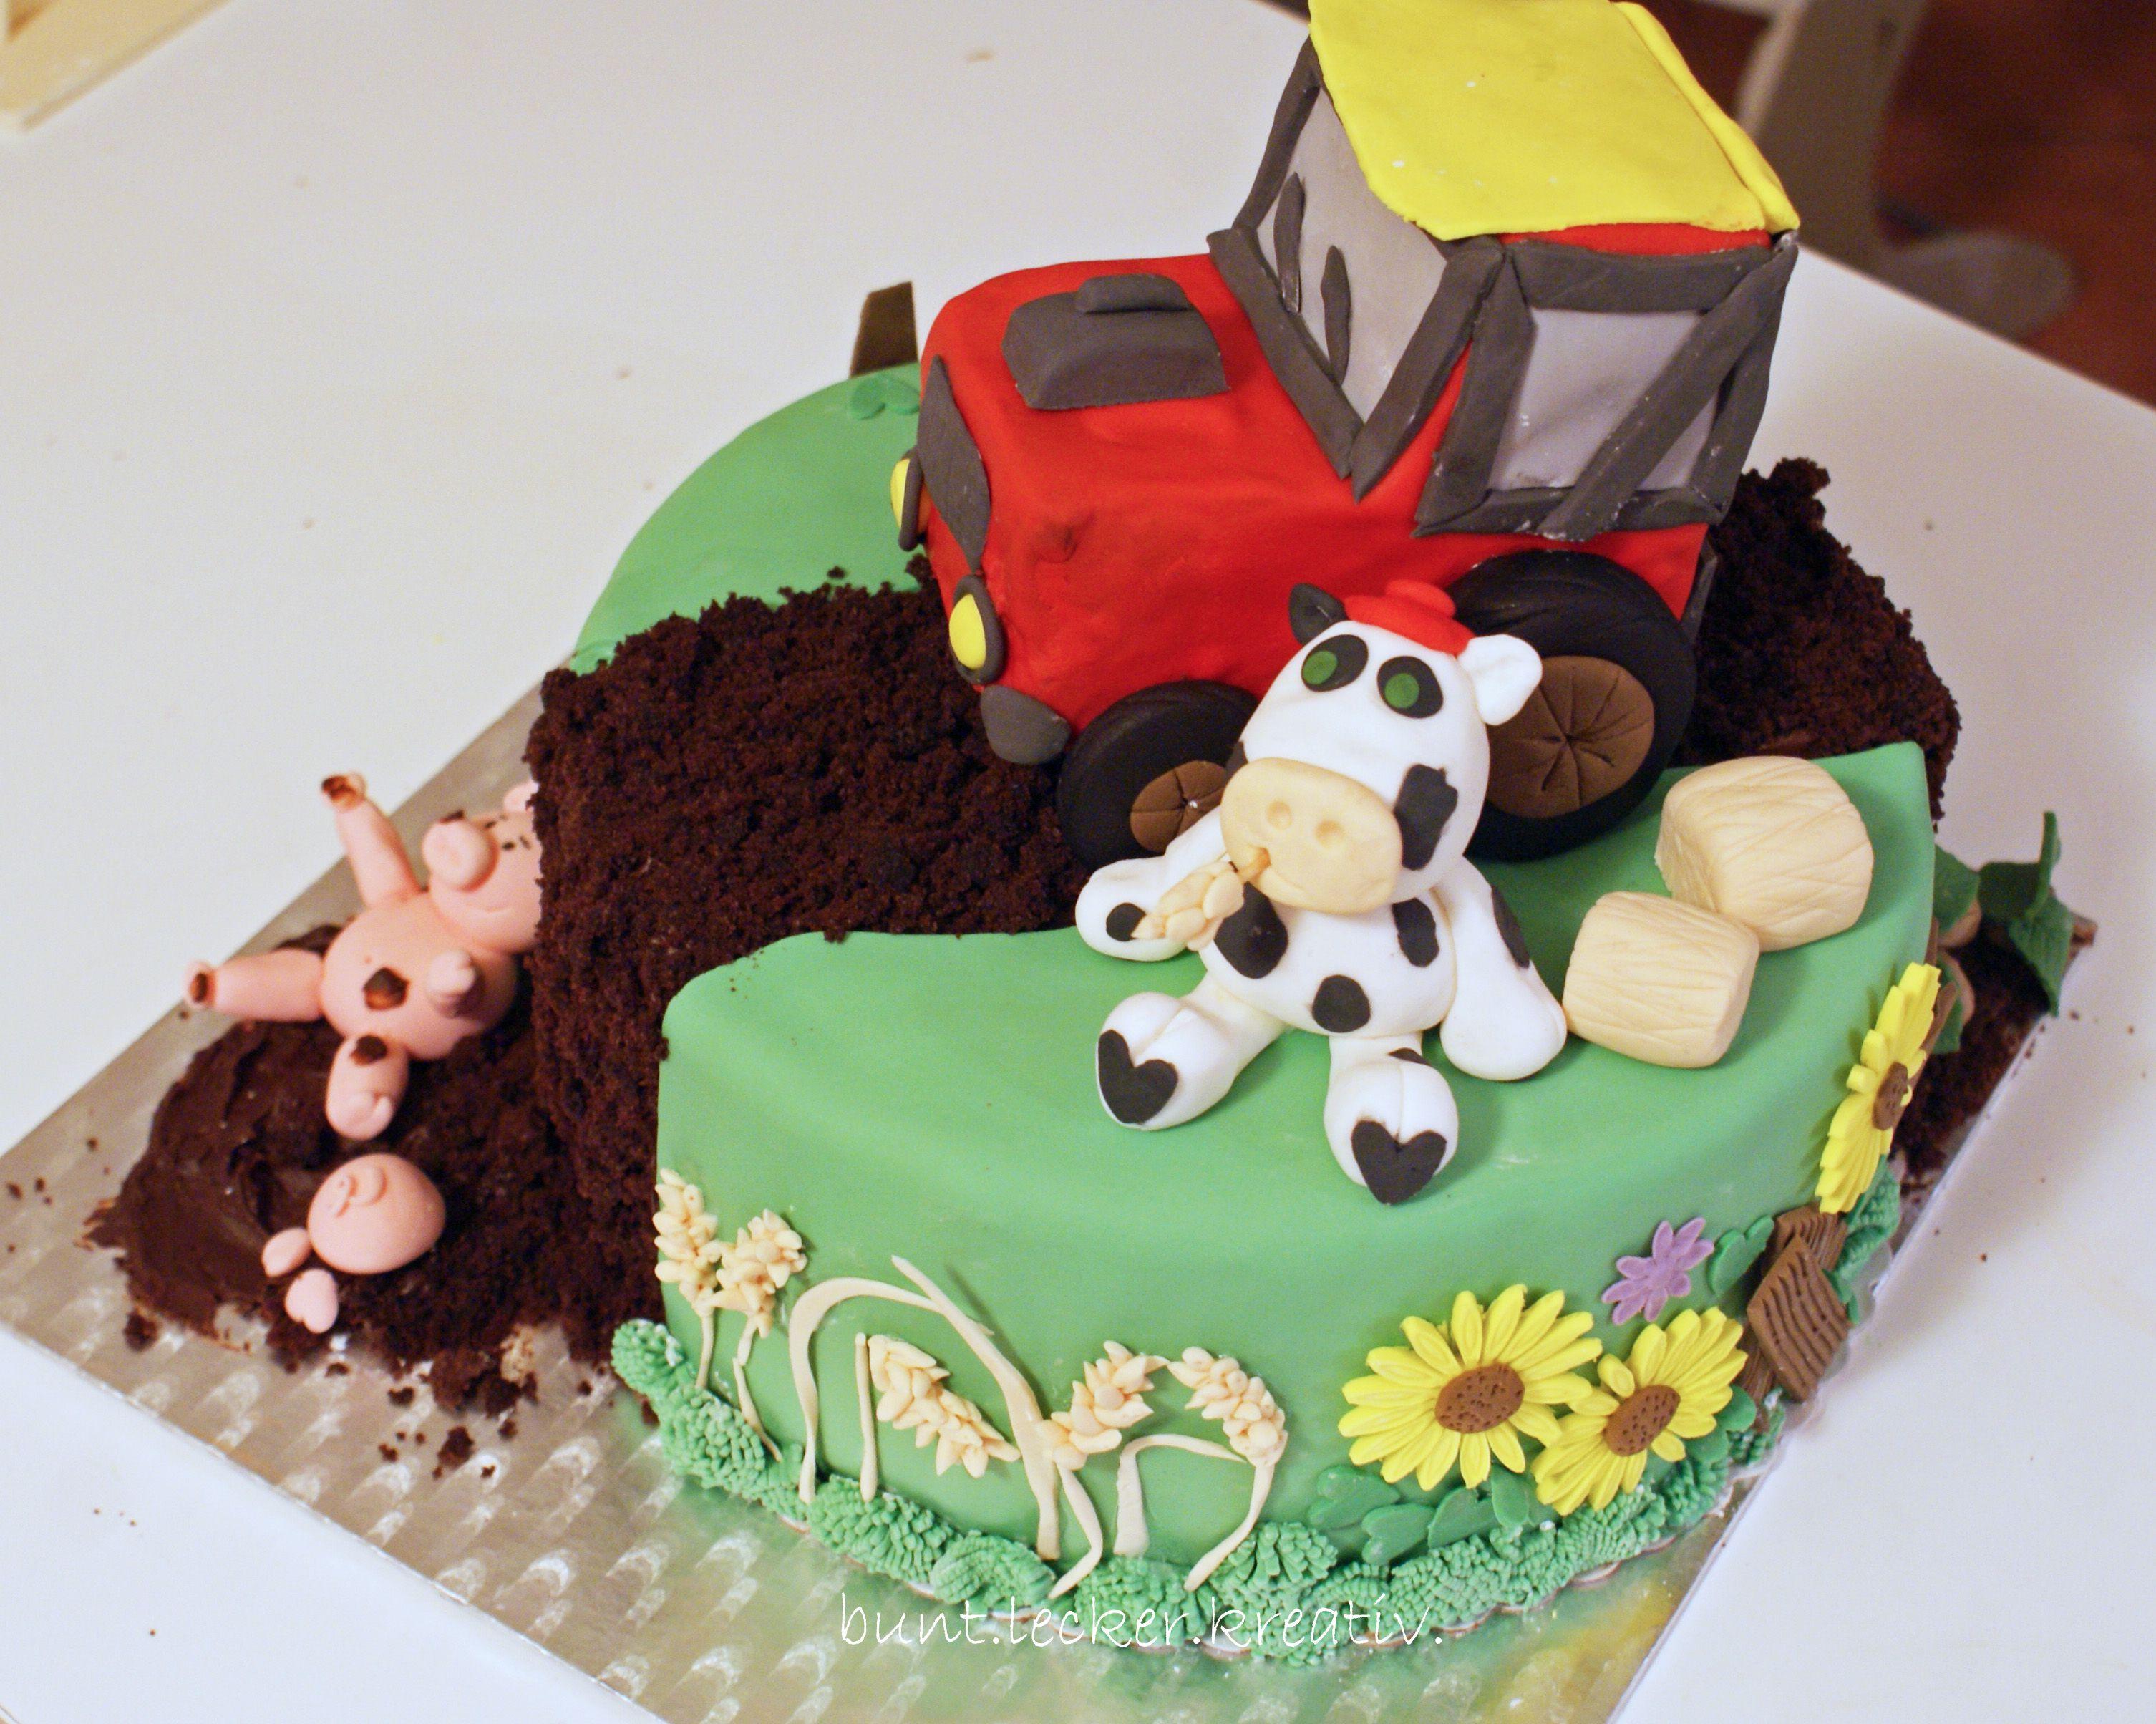 Bunt Lecker Kreativ Bauernhof Torte Bauernhoftorte Kuchen Kindergeburtstag Kinder Kuchen Geburtstag